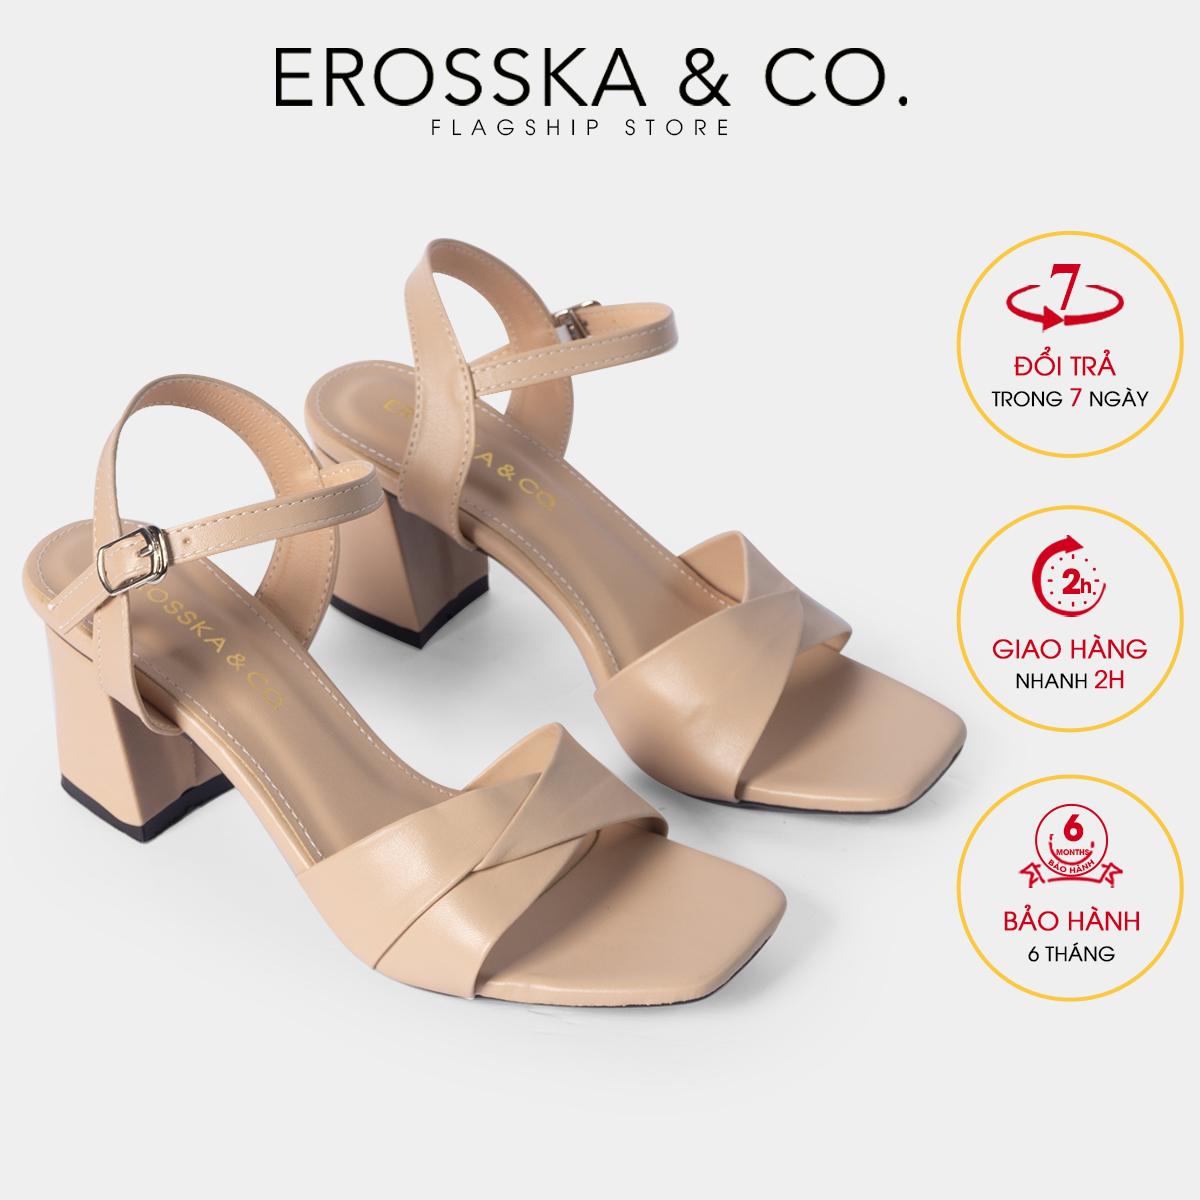 Giày sandal cao gót Erosska thời trang mũi vuông quai ngang bắt chéo cao 7cm màu trắng – EB020